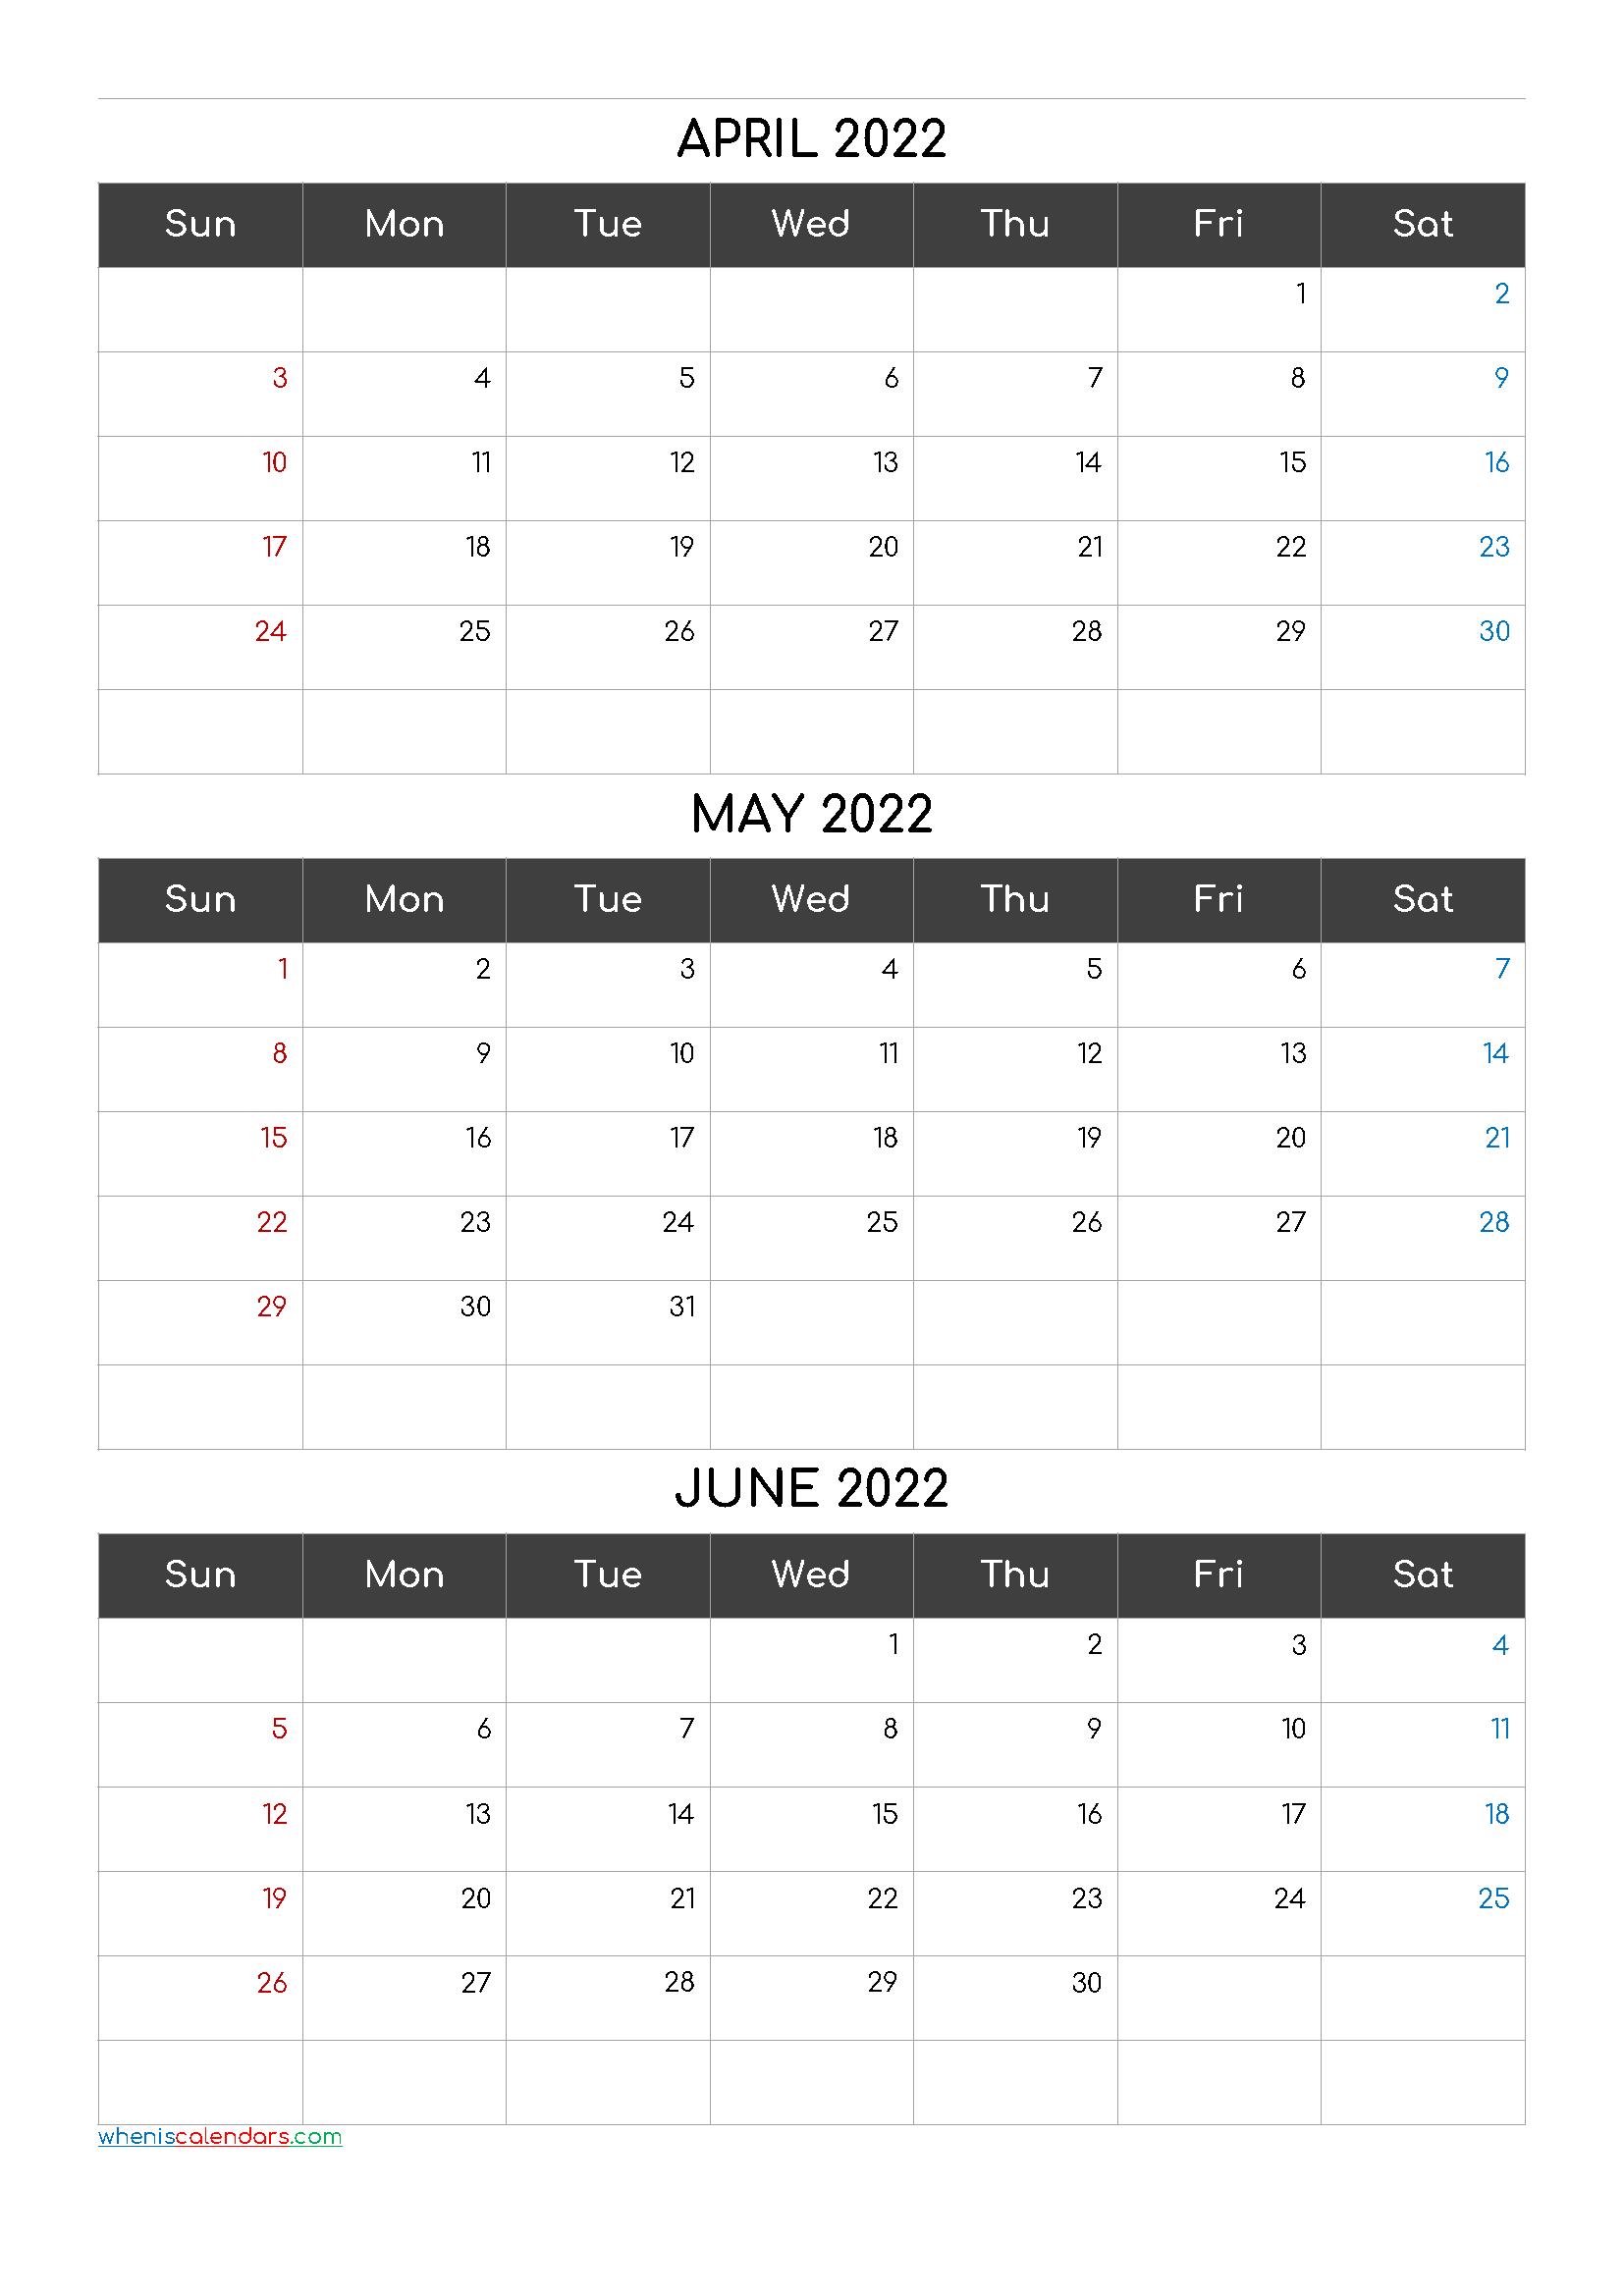 Free Printable 3 Month Calendar2022 April May June